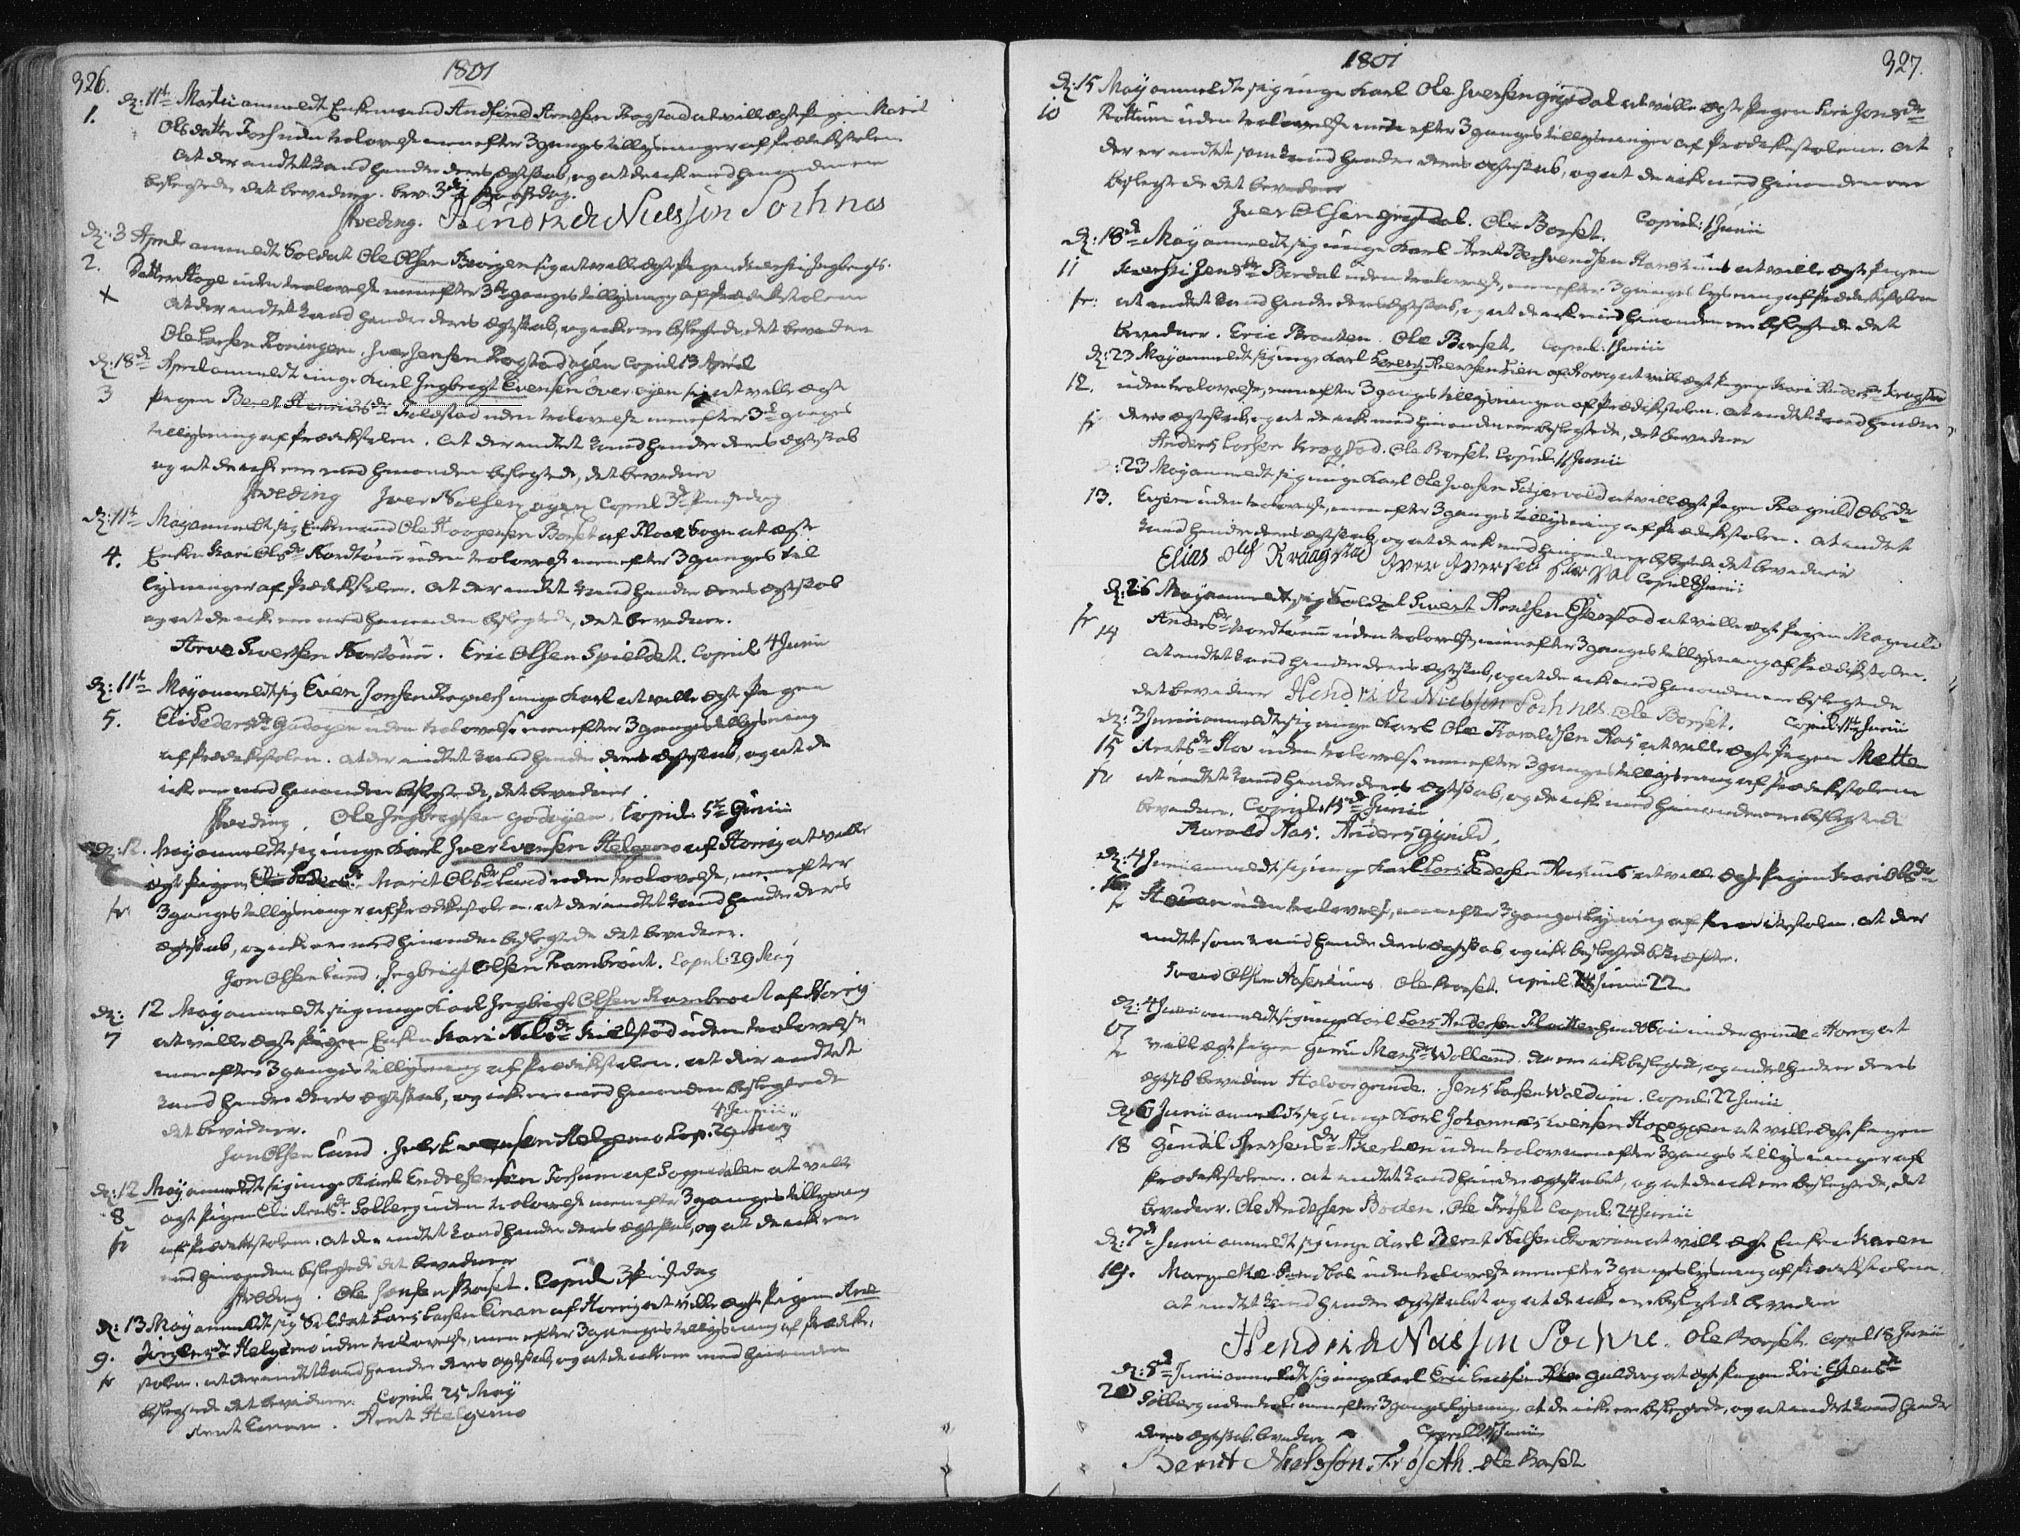 SAT, Ministerialprotokoller, klokkerbøker og fødselsregistre - Sør-Trøndelag, 687/L0992: Ministerialbok nr. 687A03 /1, 1788-1815, s. 326-327